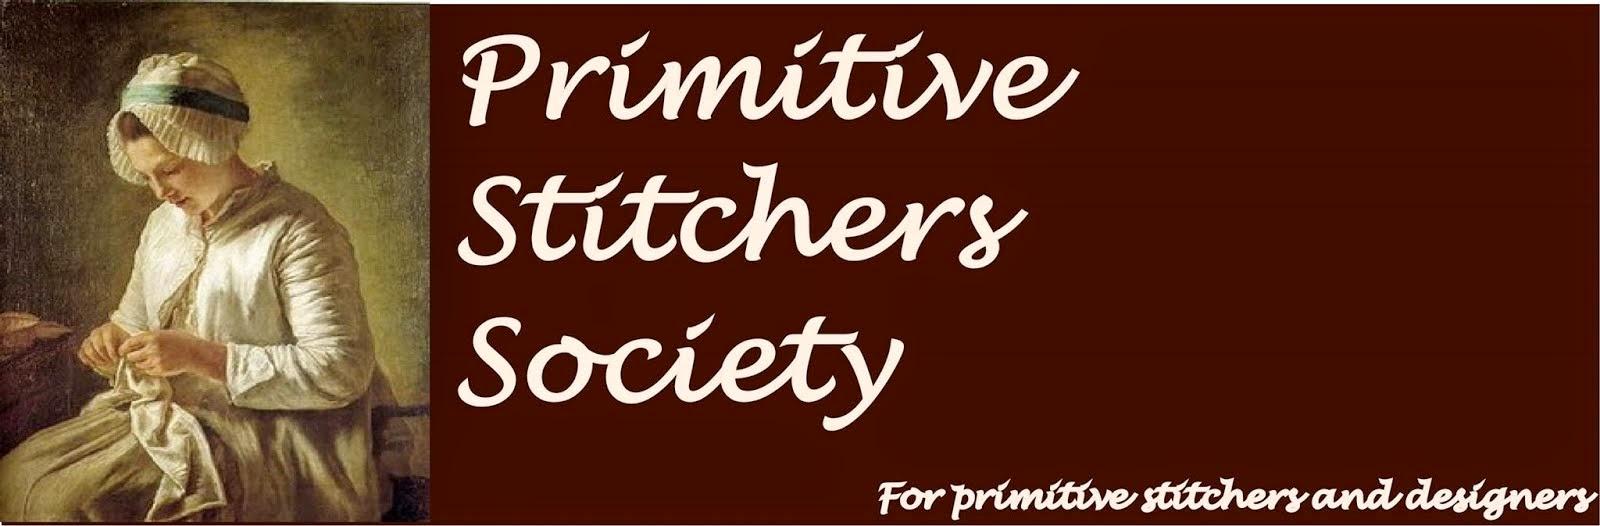 Primitive Stitchers Society